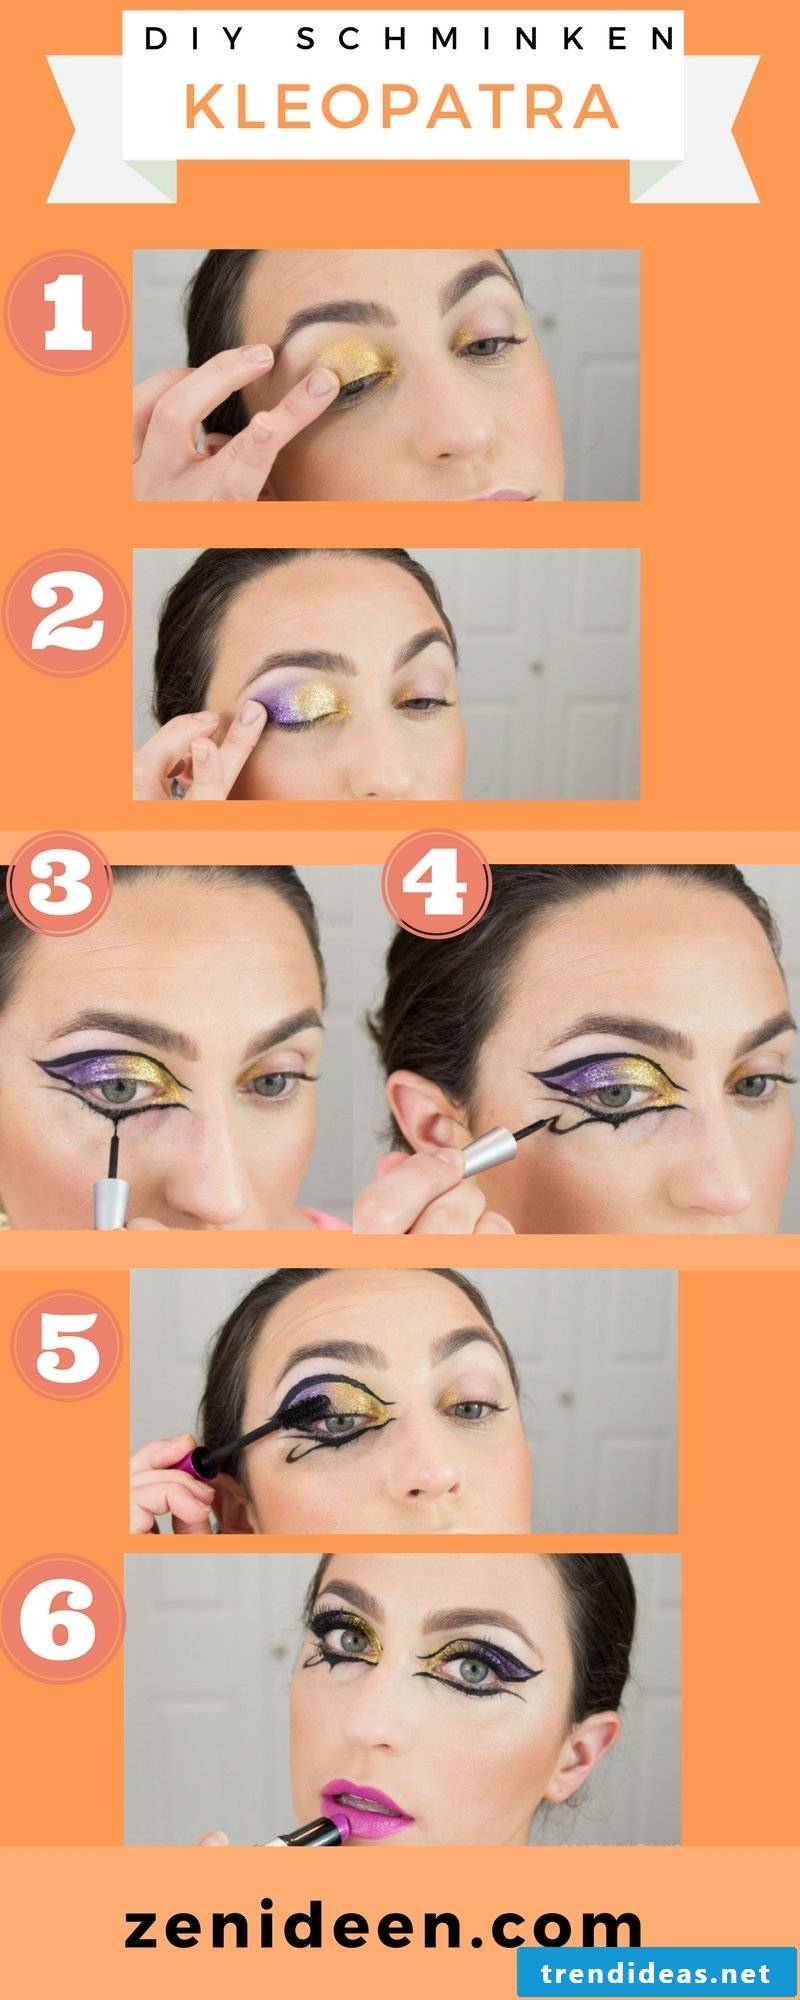 Cleopatra make-up - DIY instructions and make-up tips: